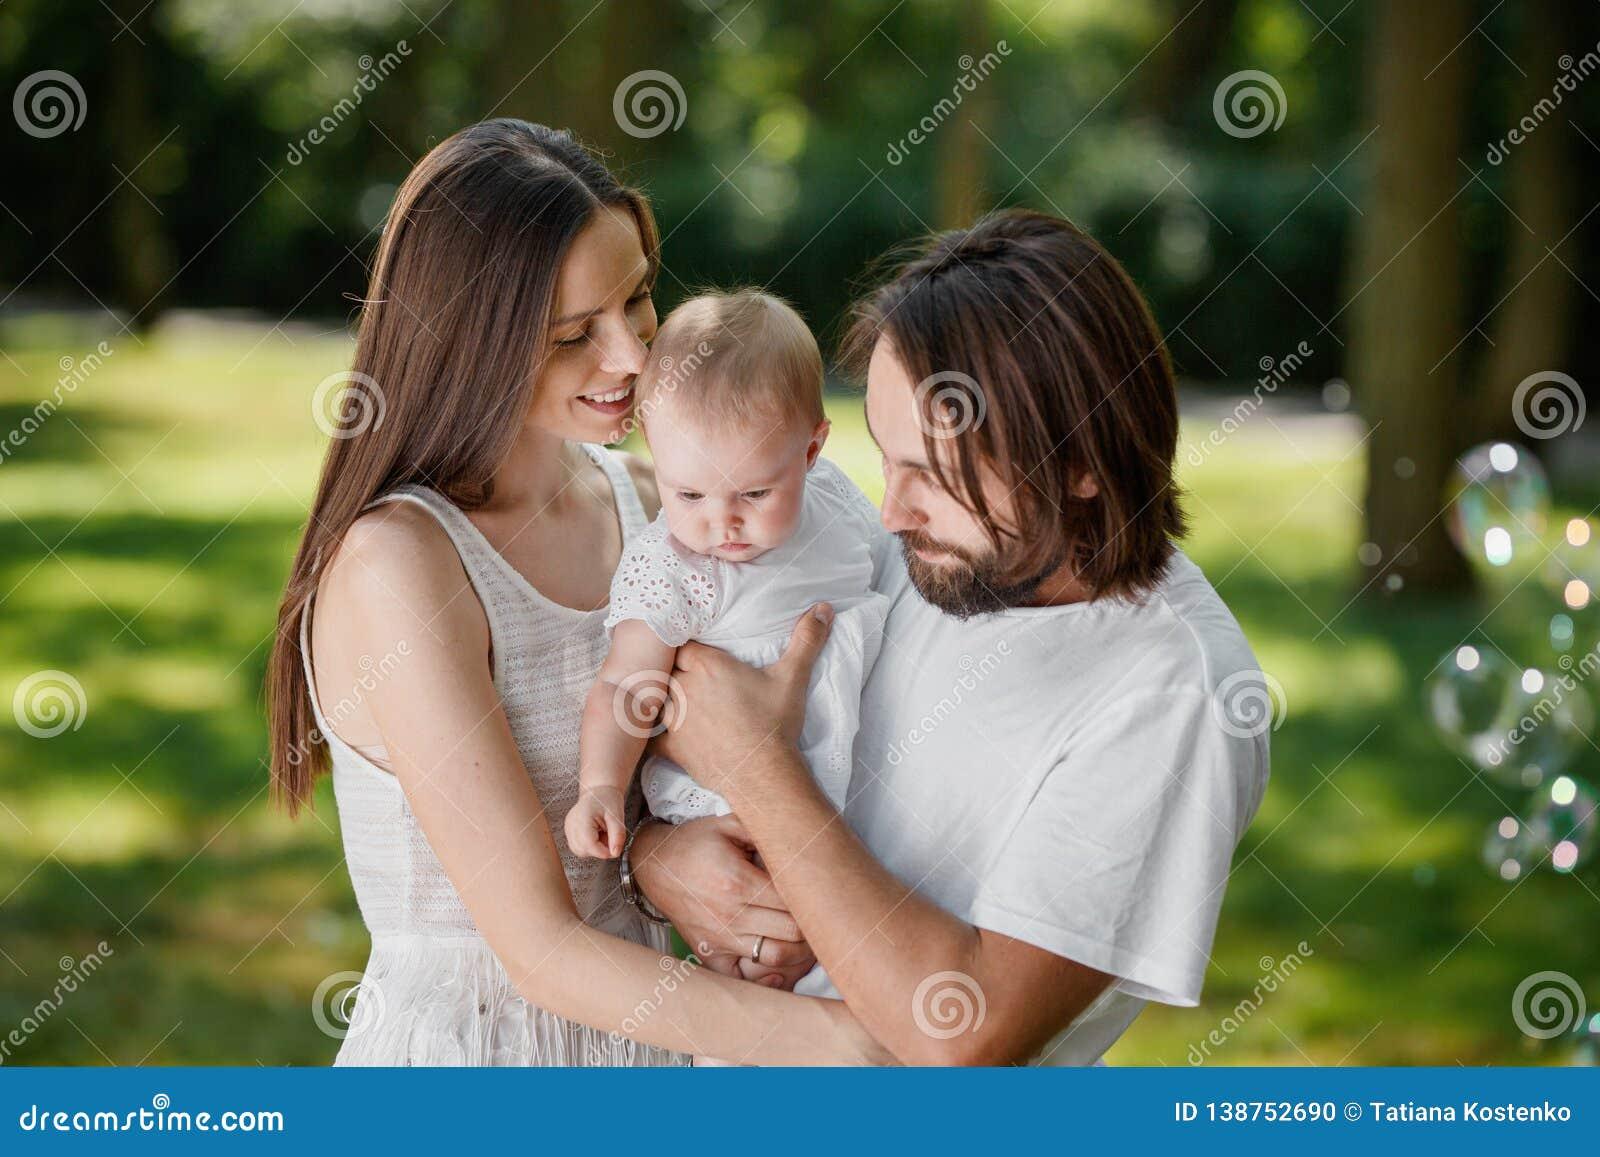 Paar in liefde het gekleed in de witte vrijetijdskleding brengt tijd in het park in een zonnige dag met daar mooie baby door